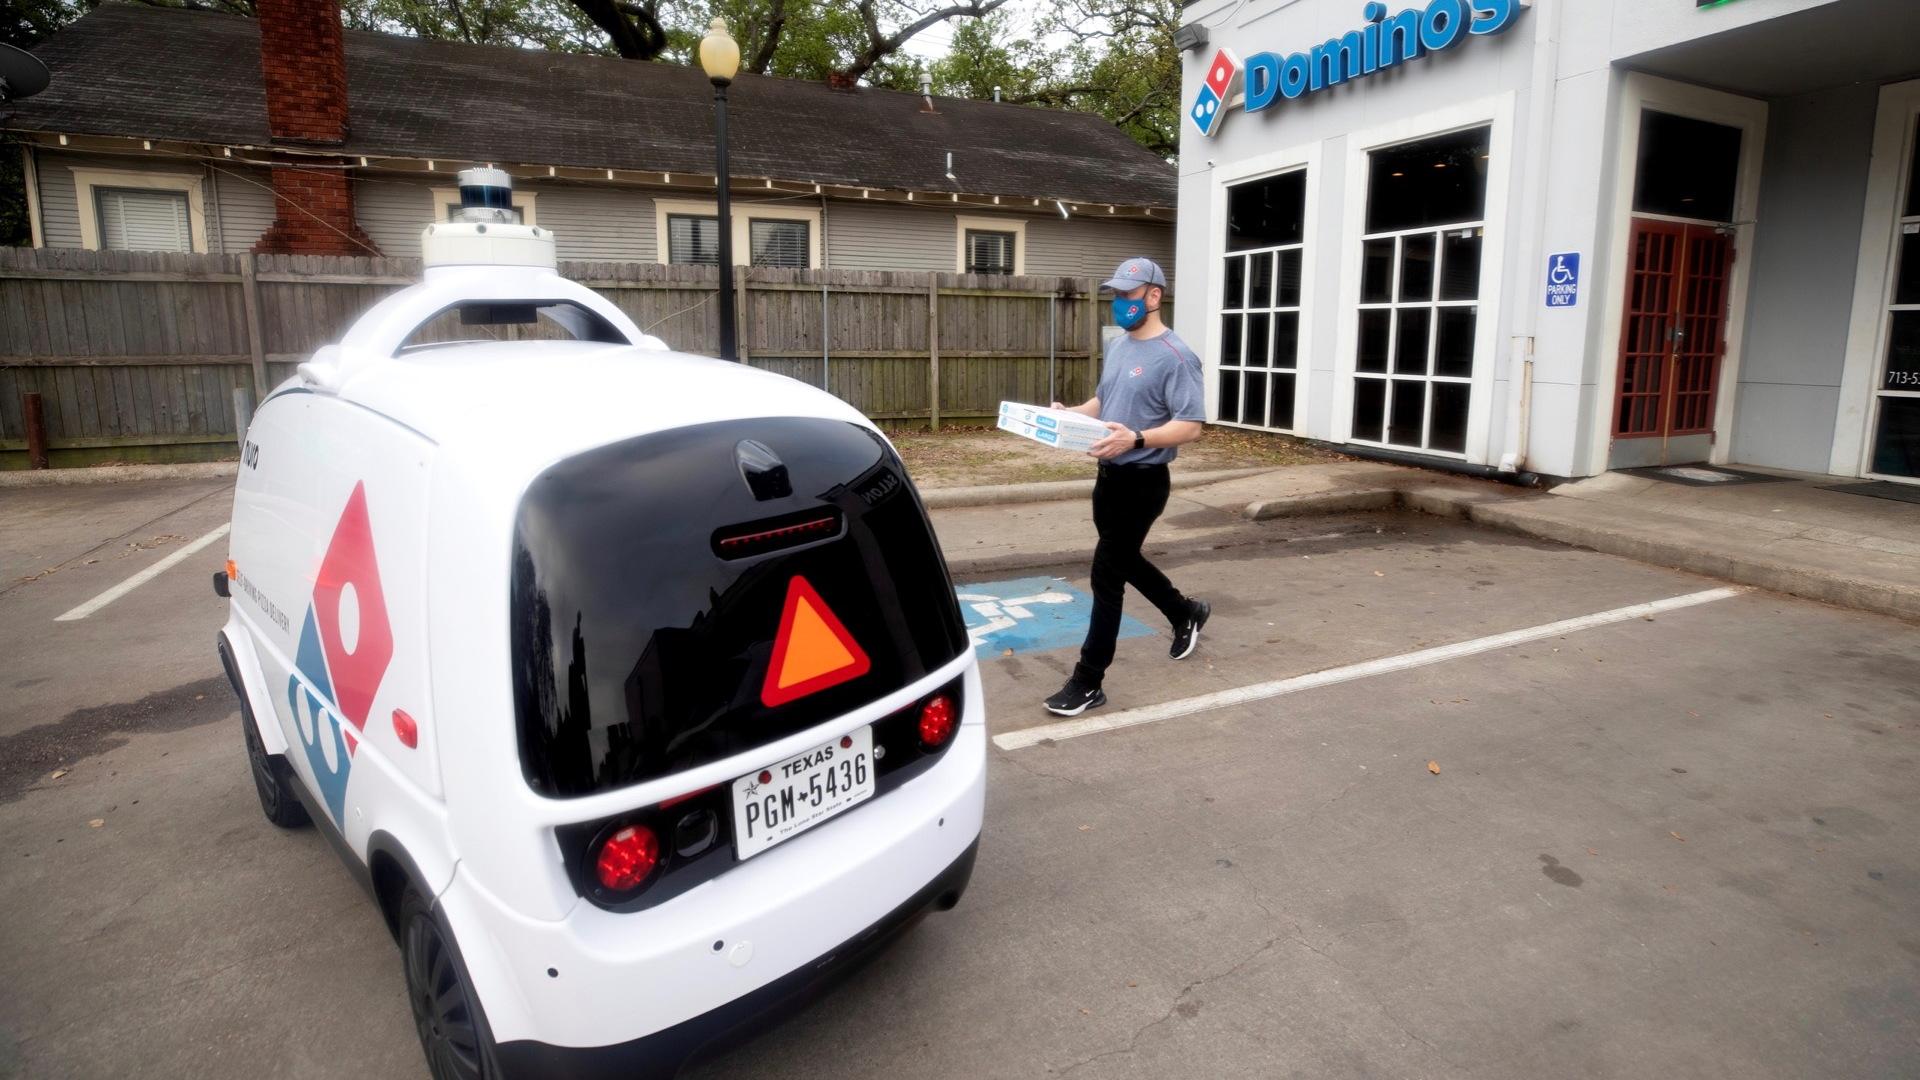 Nuro and Domino's autonomous pizza delivery